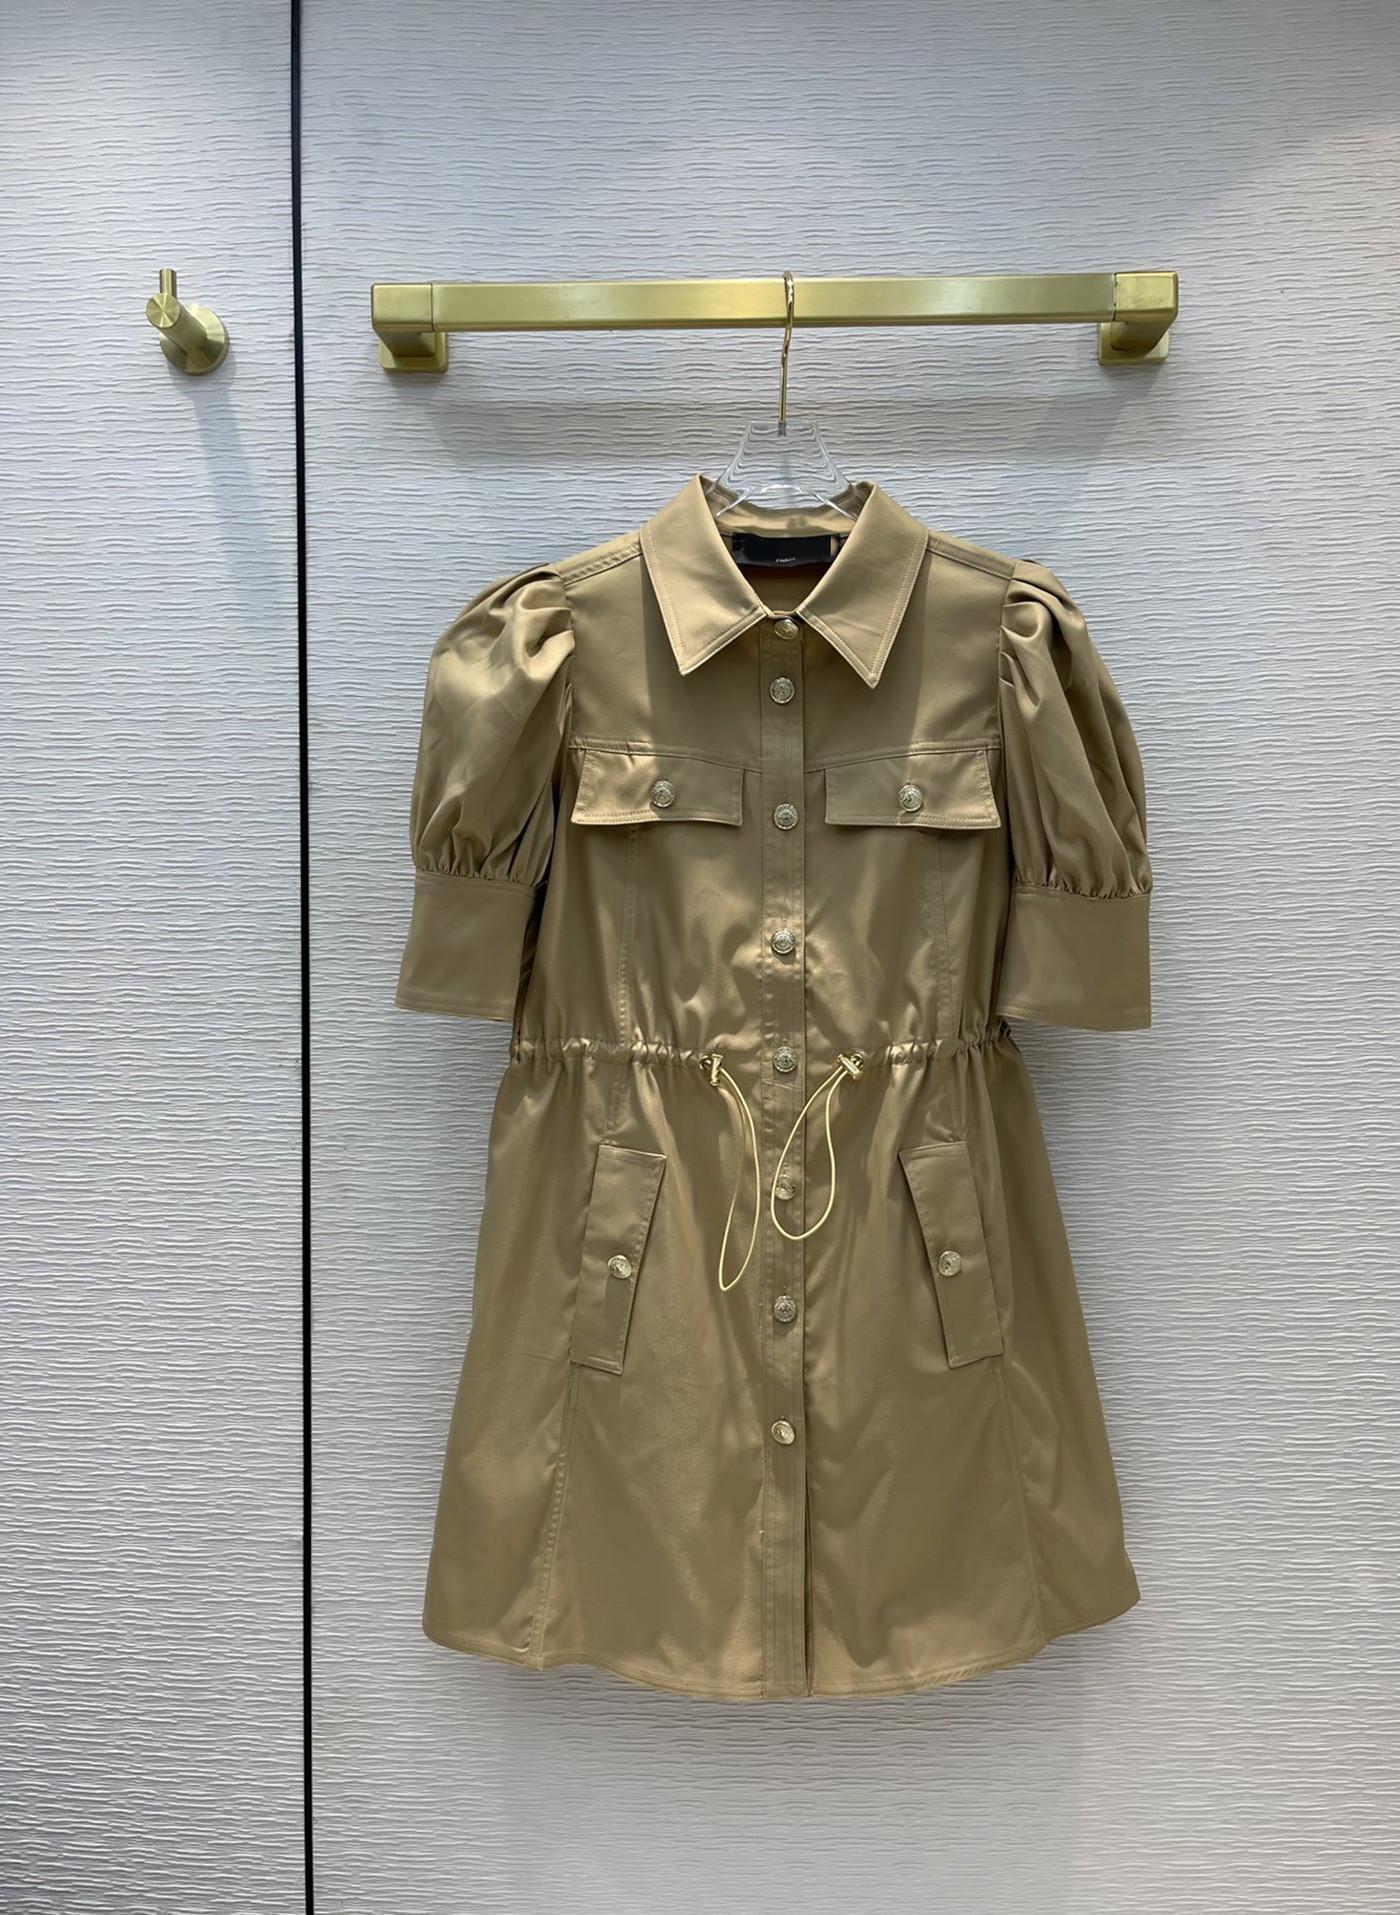 Milan Pisti Elbise 2021 Yaz Yaka Boyun Kısa Kollu Panelli Tasarımcı Elbiseler Marka Aynı Stil Kadın 0530-15